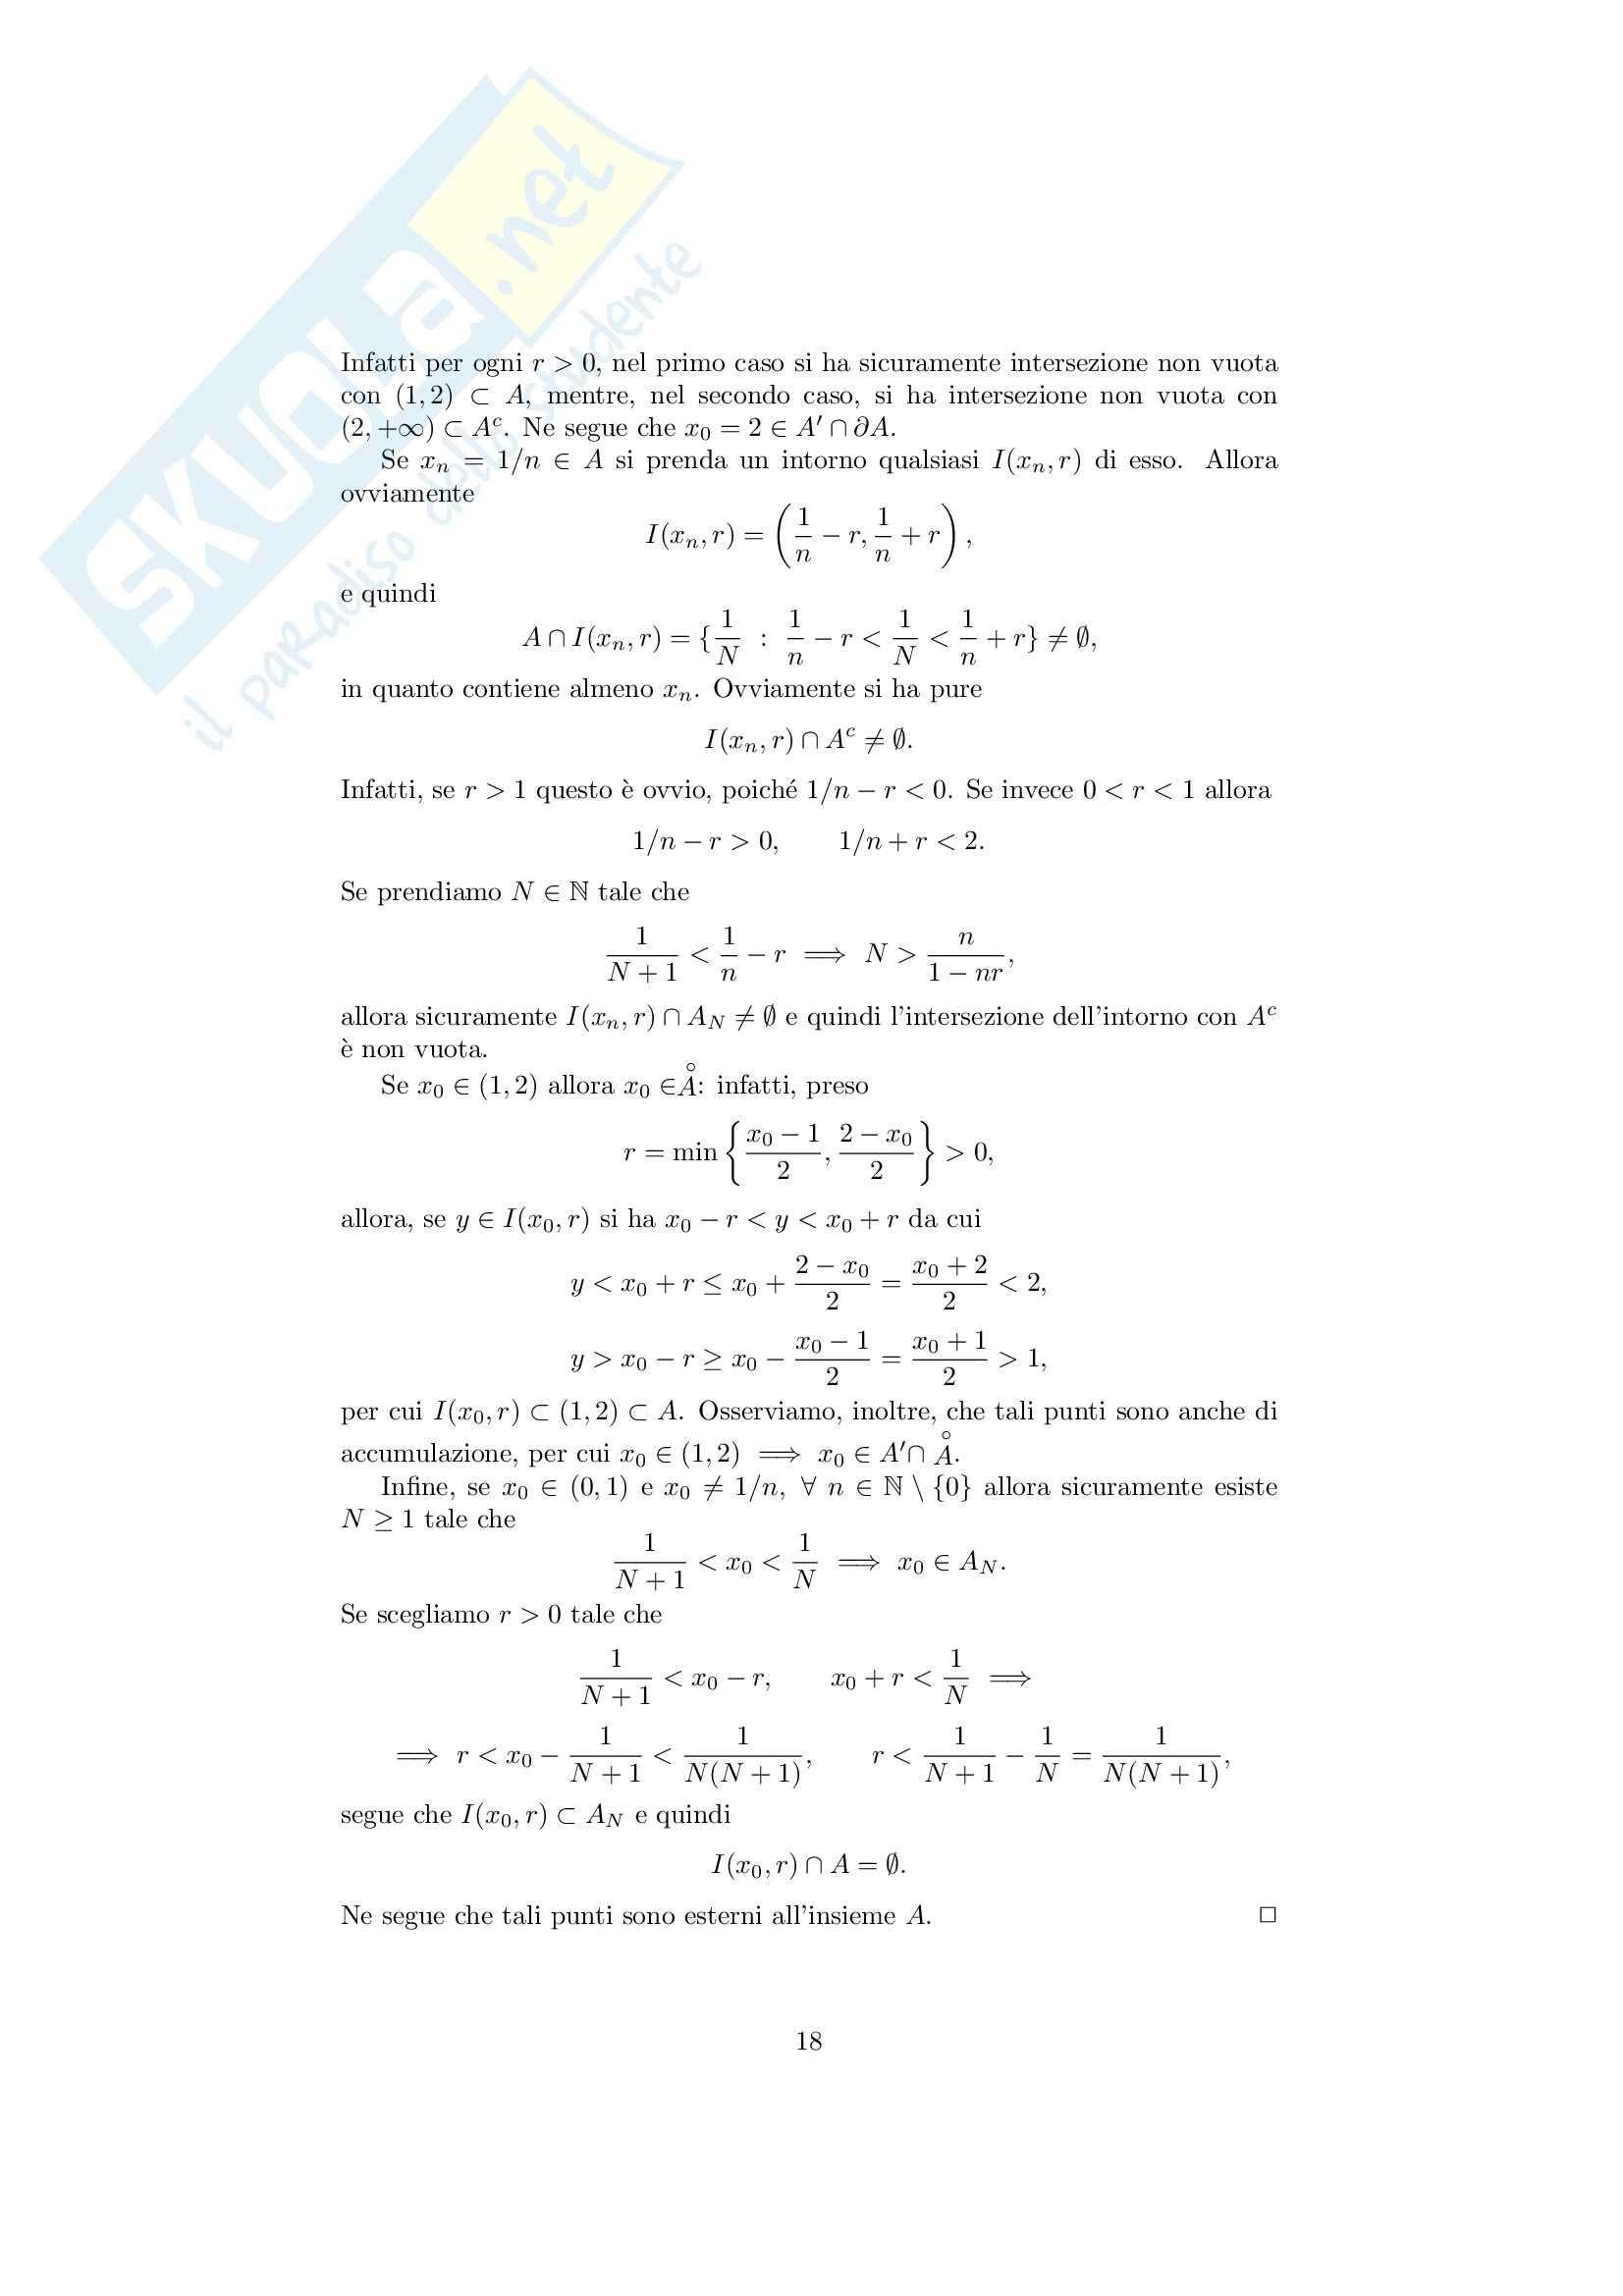 Analisi matematica 1 - Note ed esercizi svolti su Insiemi, numeri reali e Principio di Induzione Pag. 21